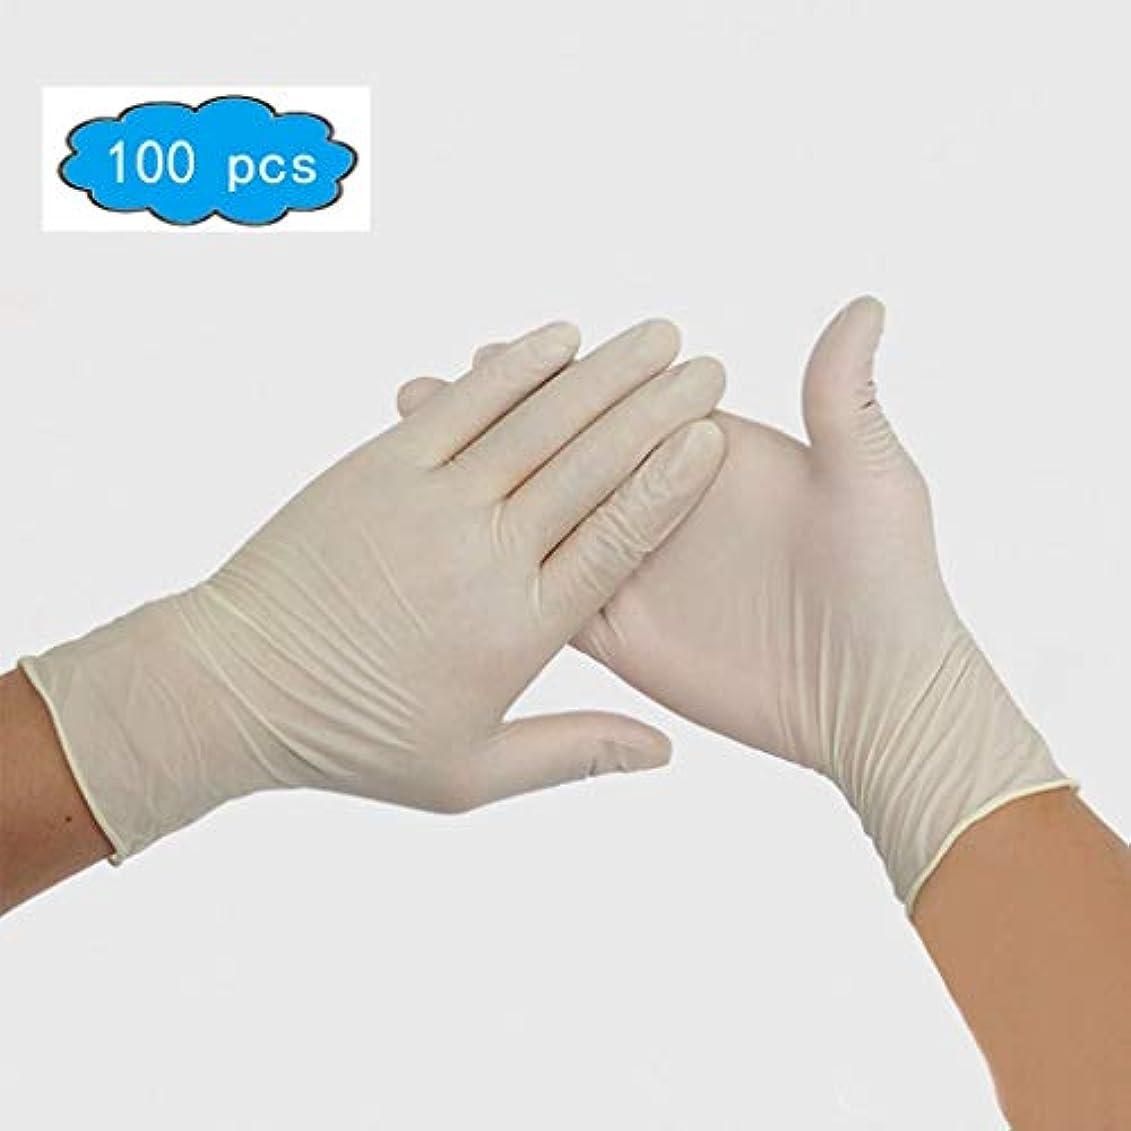 呪い誇大妄想申し込む使い捨て安全手袋、ラテックス手袋、無菌、パウダーフリー、滑らかな接触、食品等級、大型[100パック]家庭用品 (Color : Milky, Size : M)